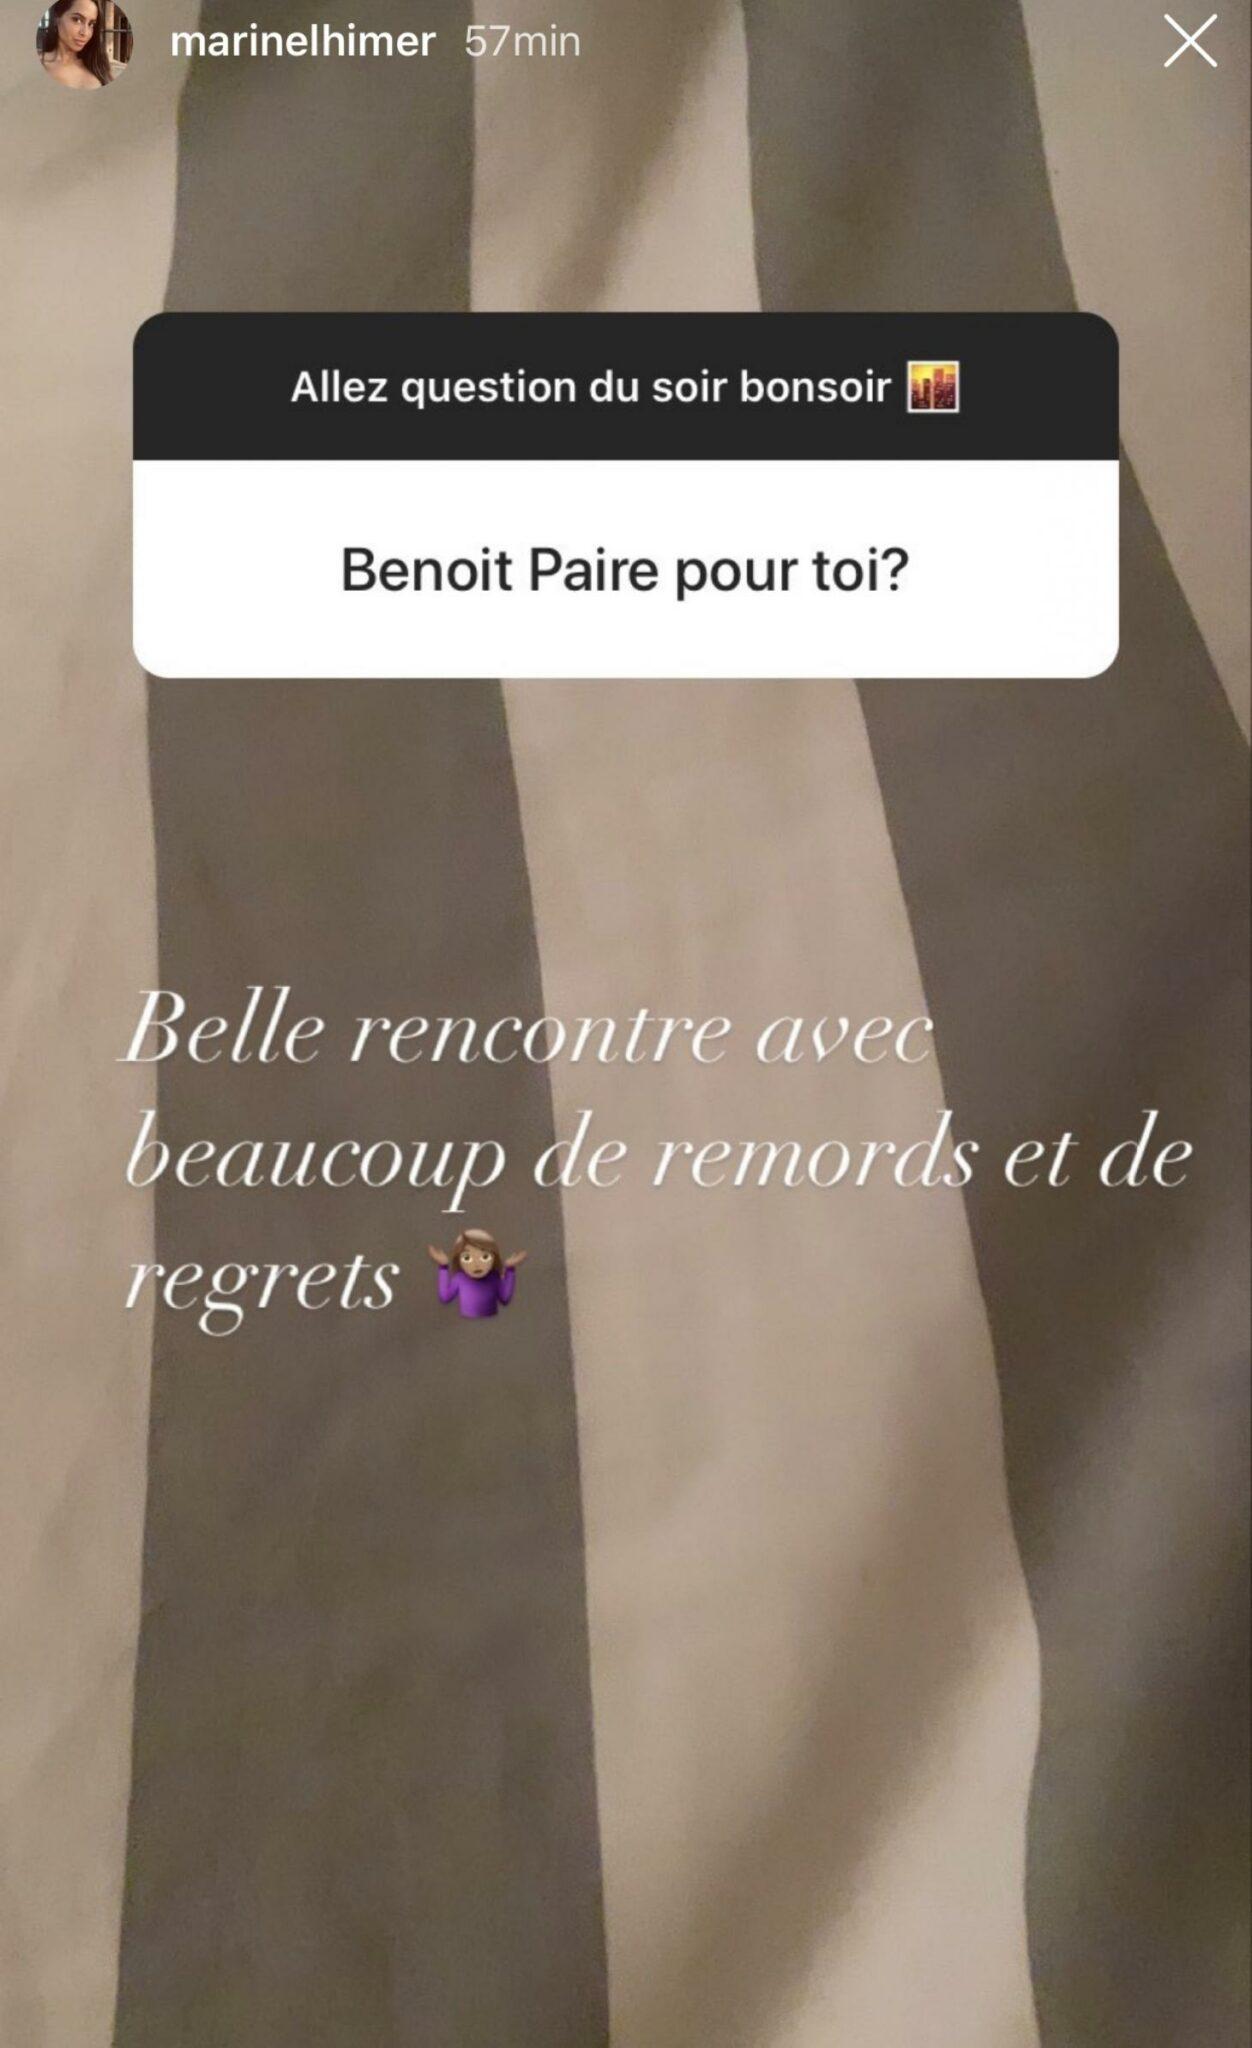 Marine El Himer : célibataire ? Elle se confie sur sa relation avec Benoit Paire